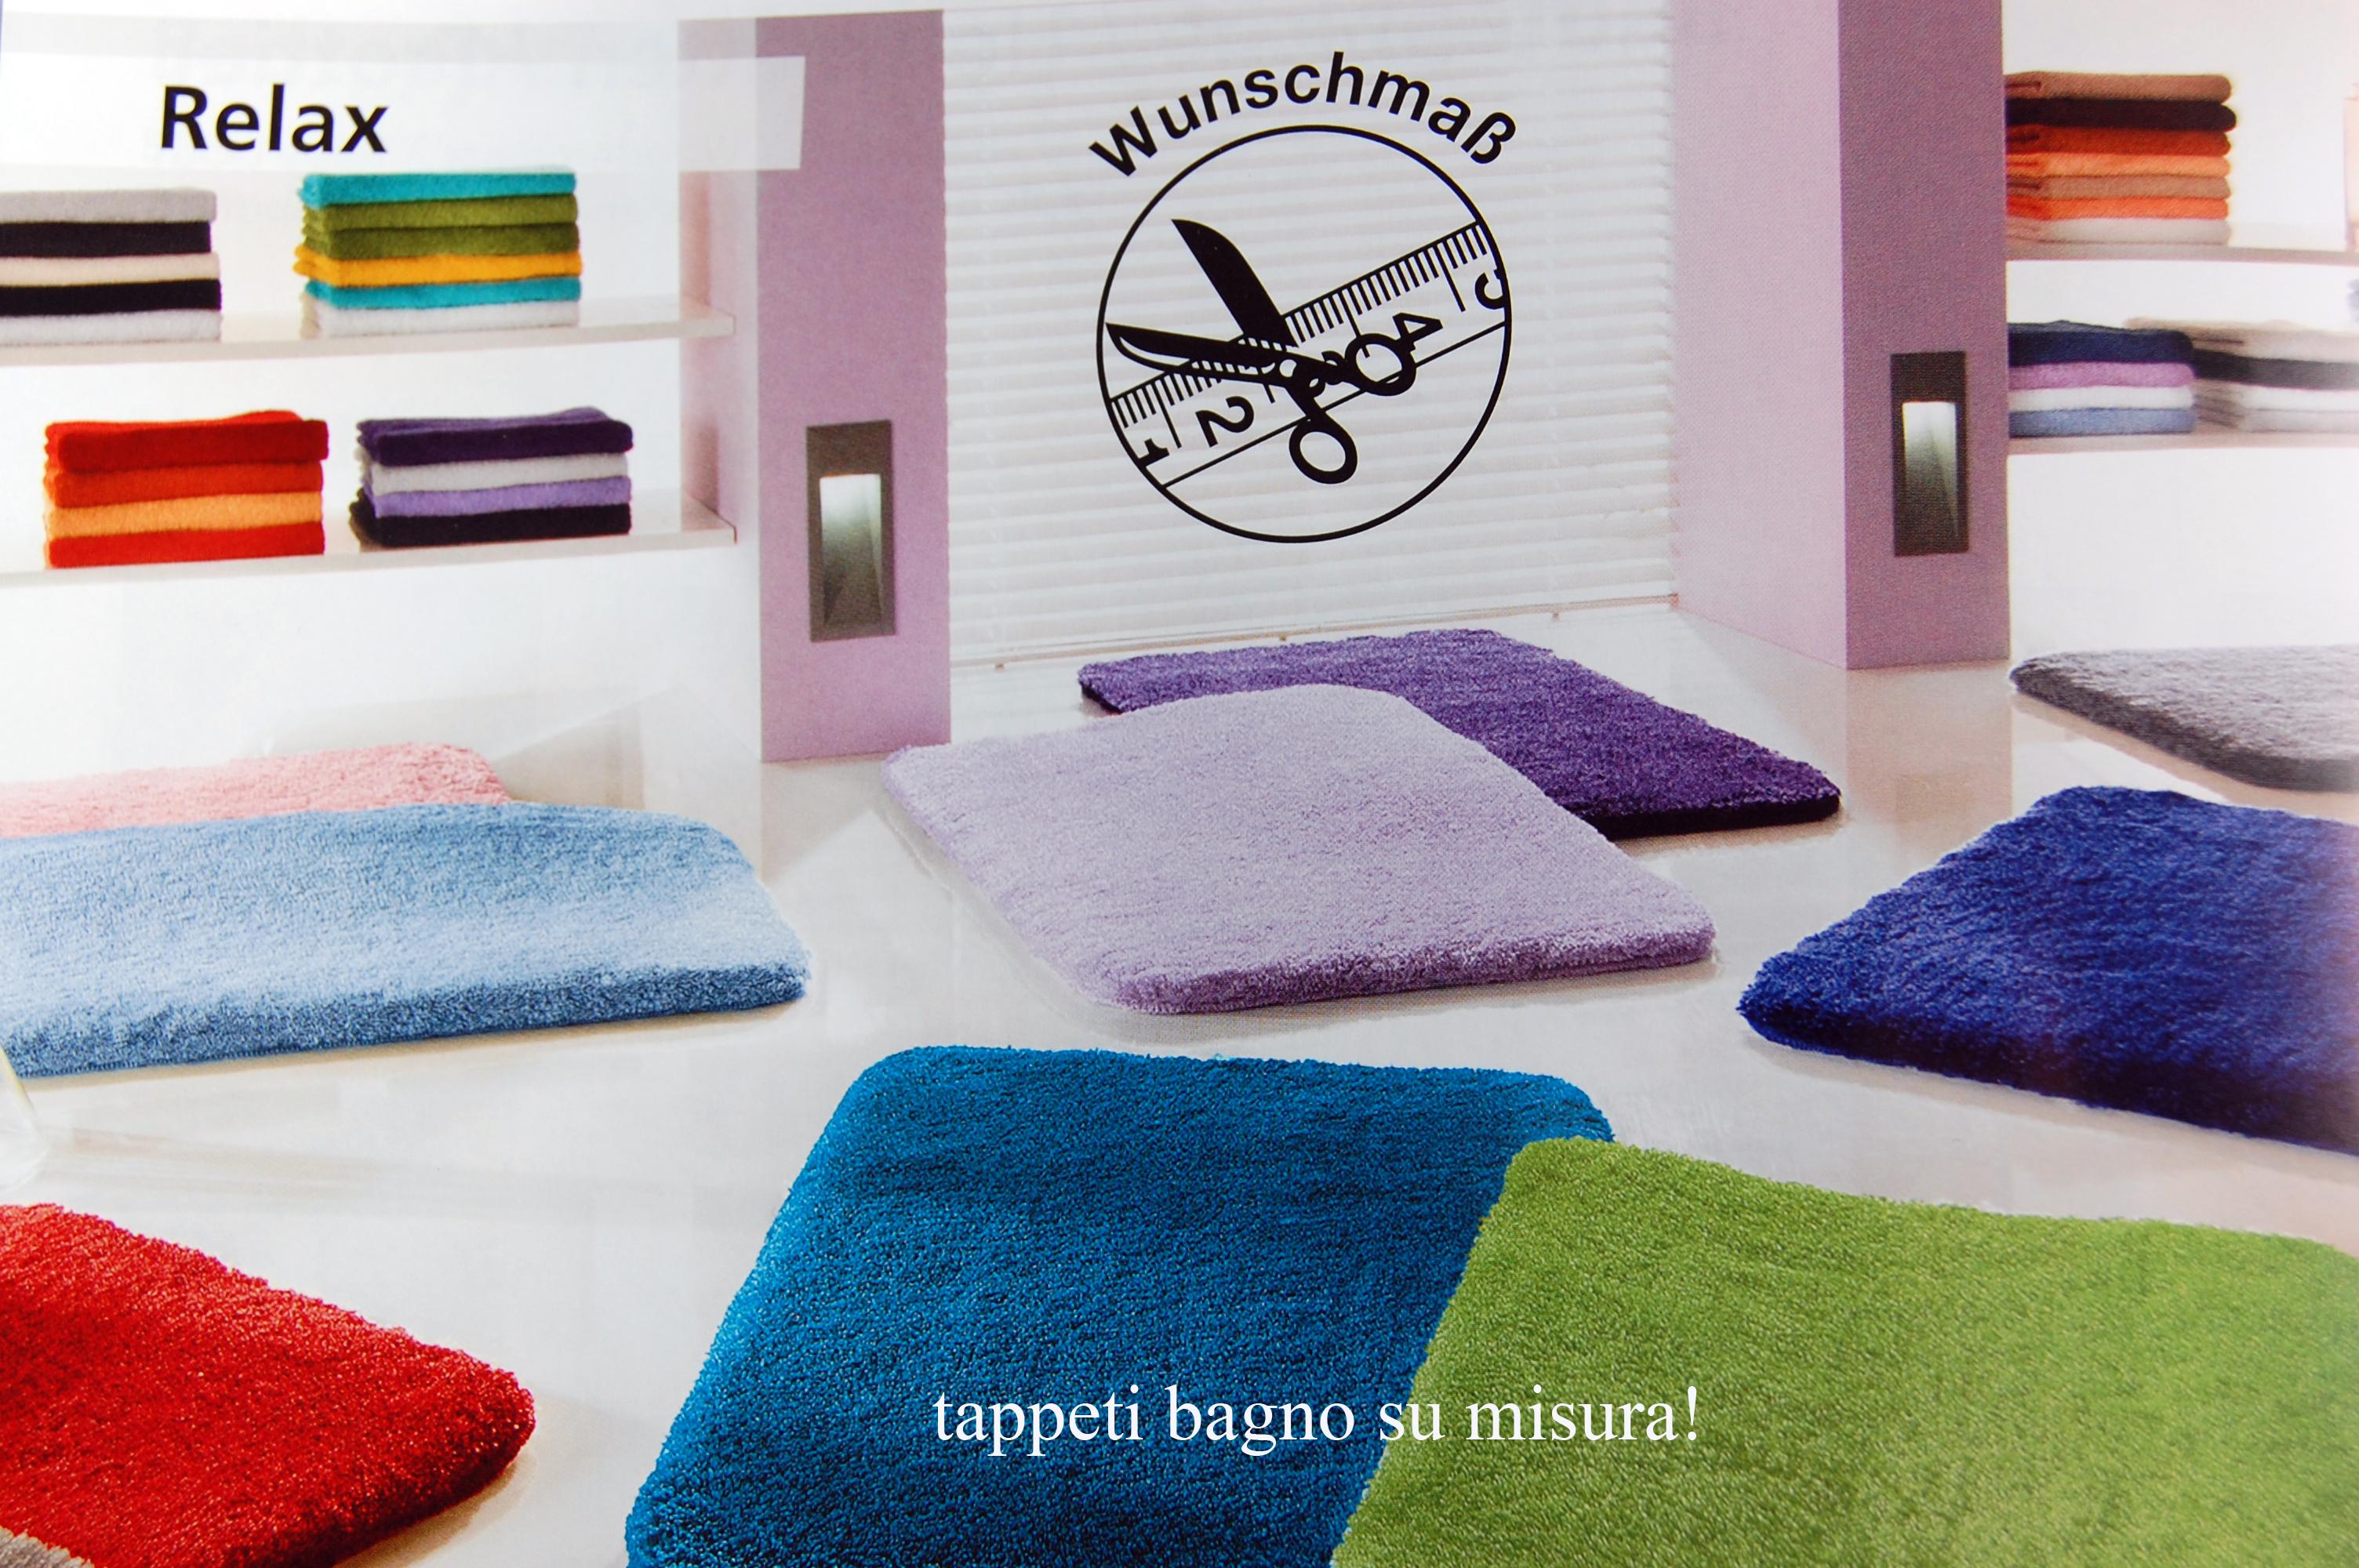 Tappeti bagno su misura la migliore scelta di casa e - Tappeti bagno su misura ...